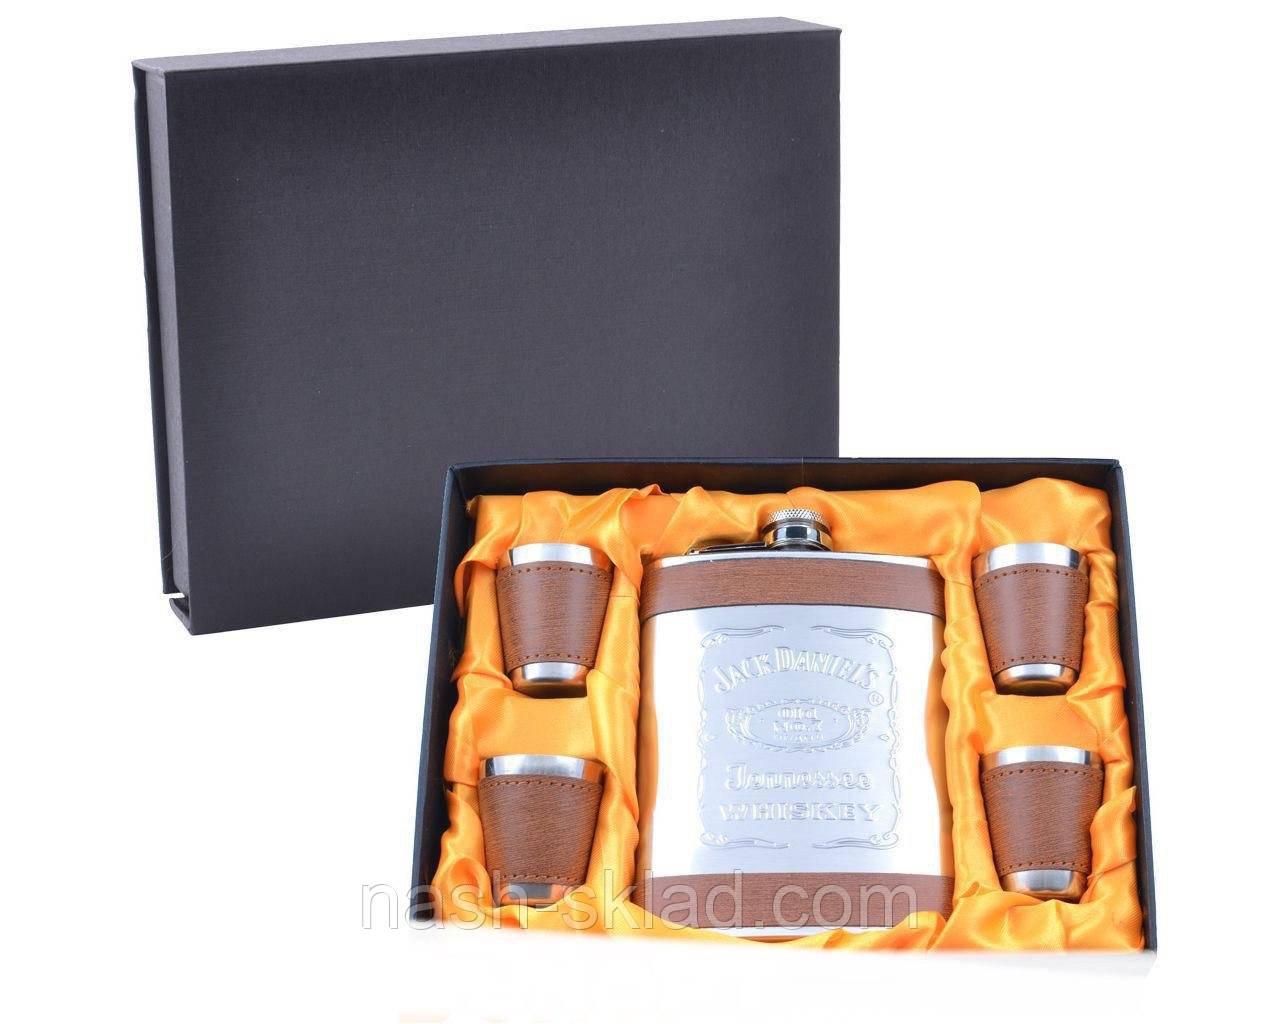 Подарочный набор с Флягой Jack Daniel's (Кожа) Лучший подарок для мужчины на любой праздник